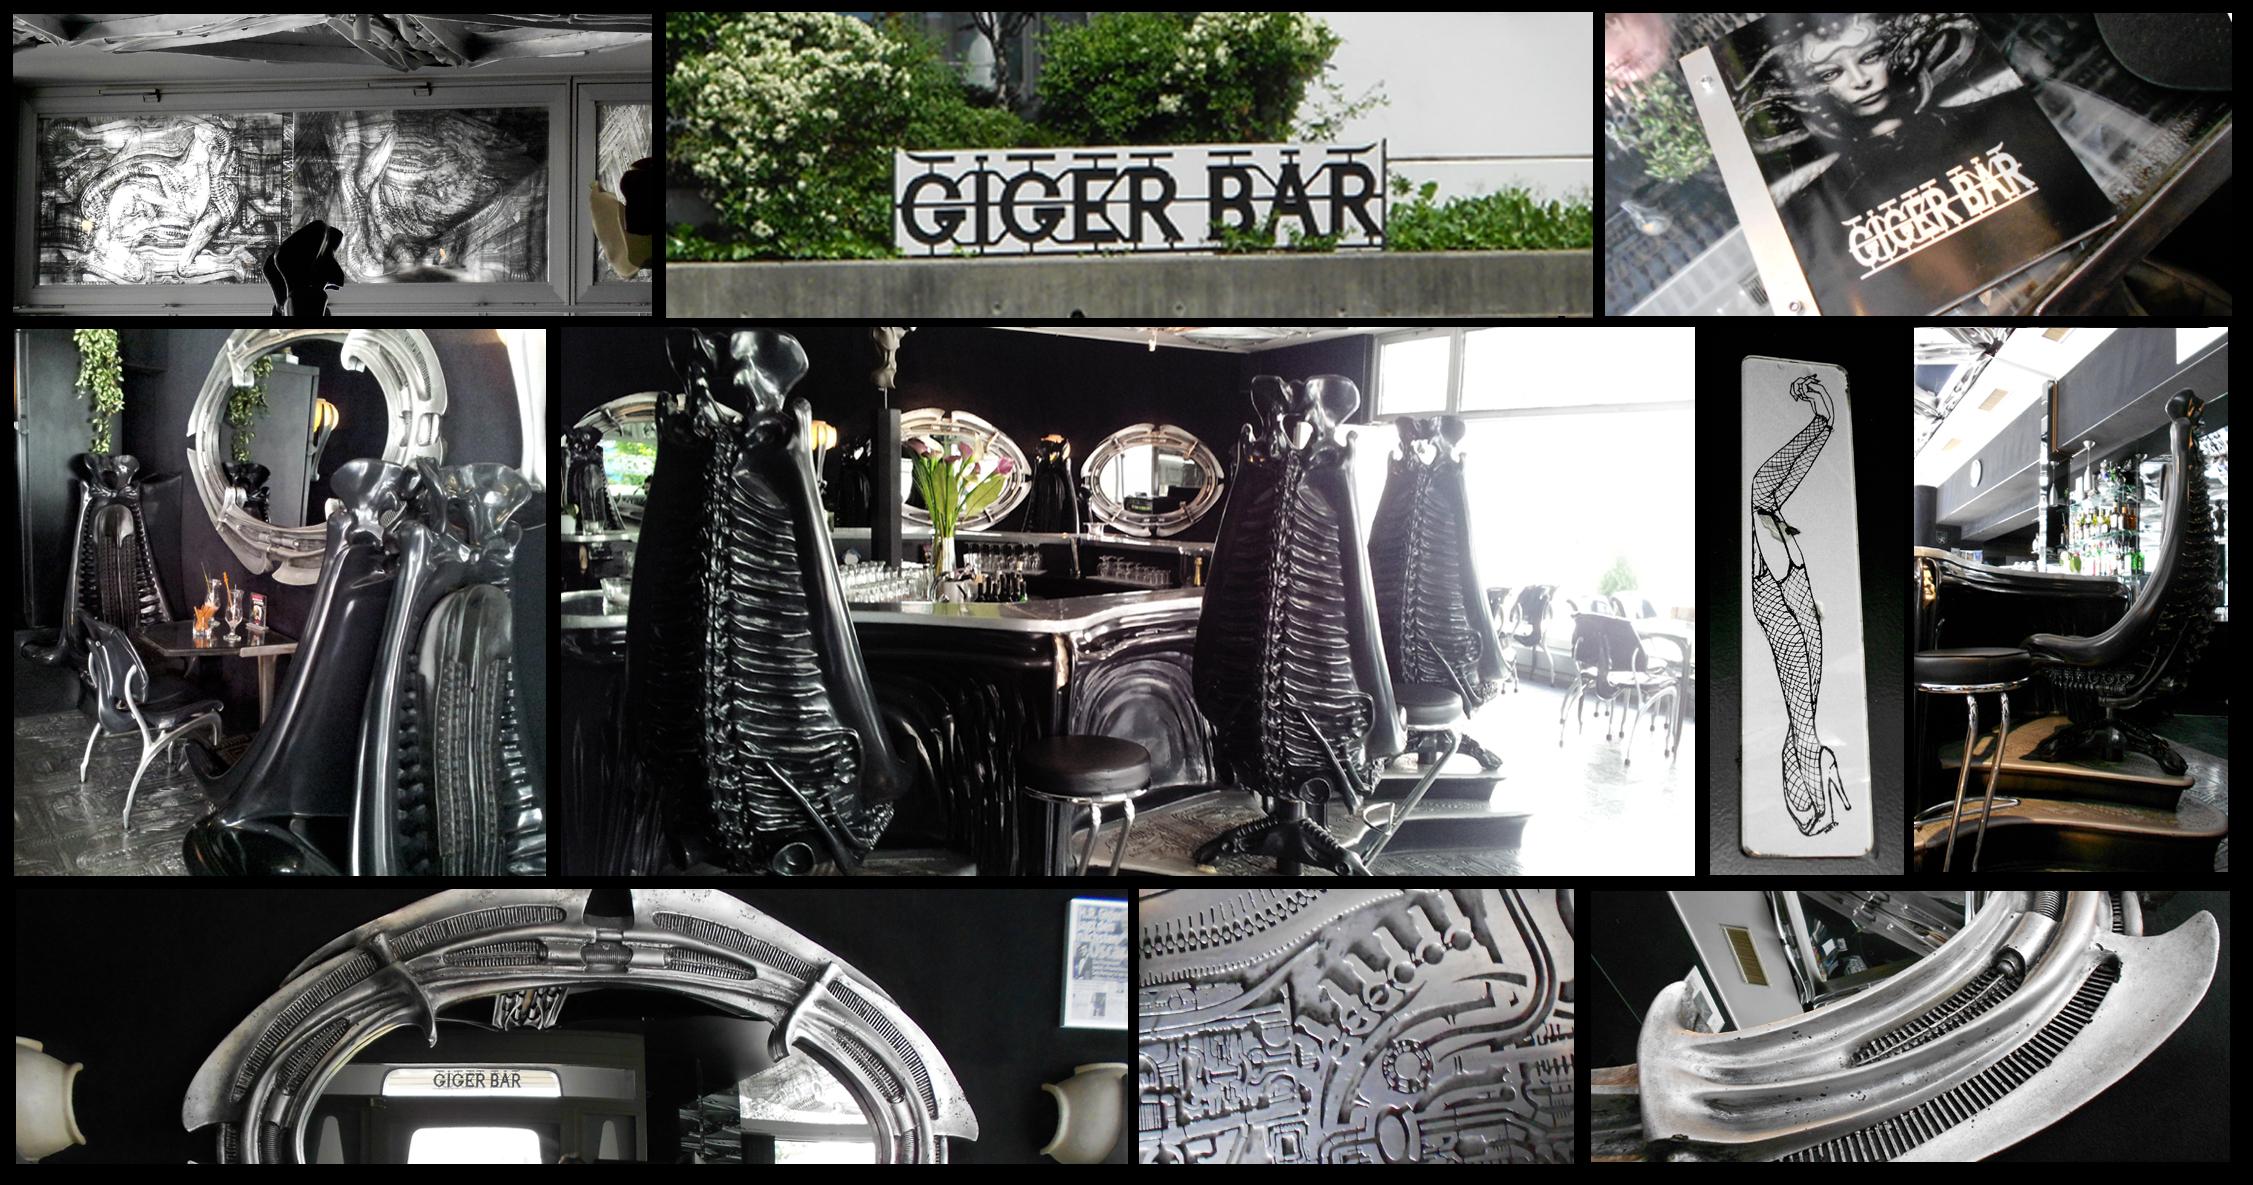 Giger Bar by Tabascofanatikerin on DeviantArt